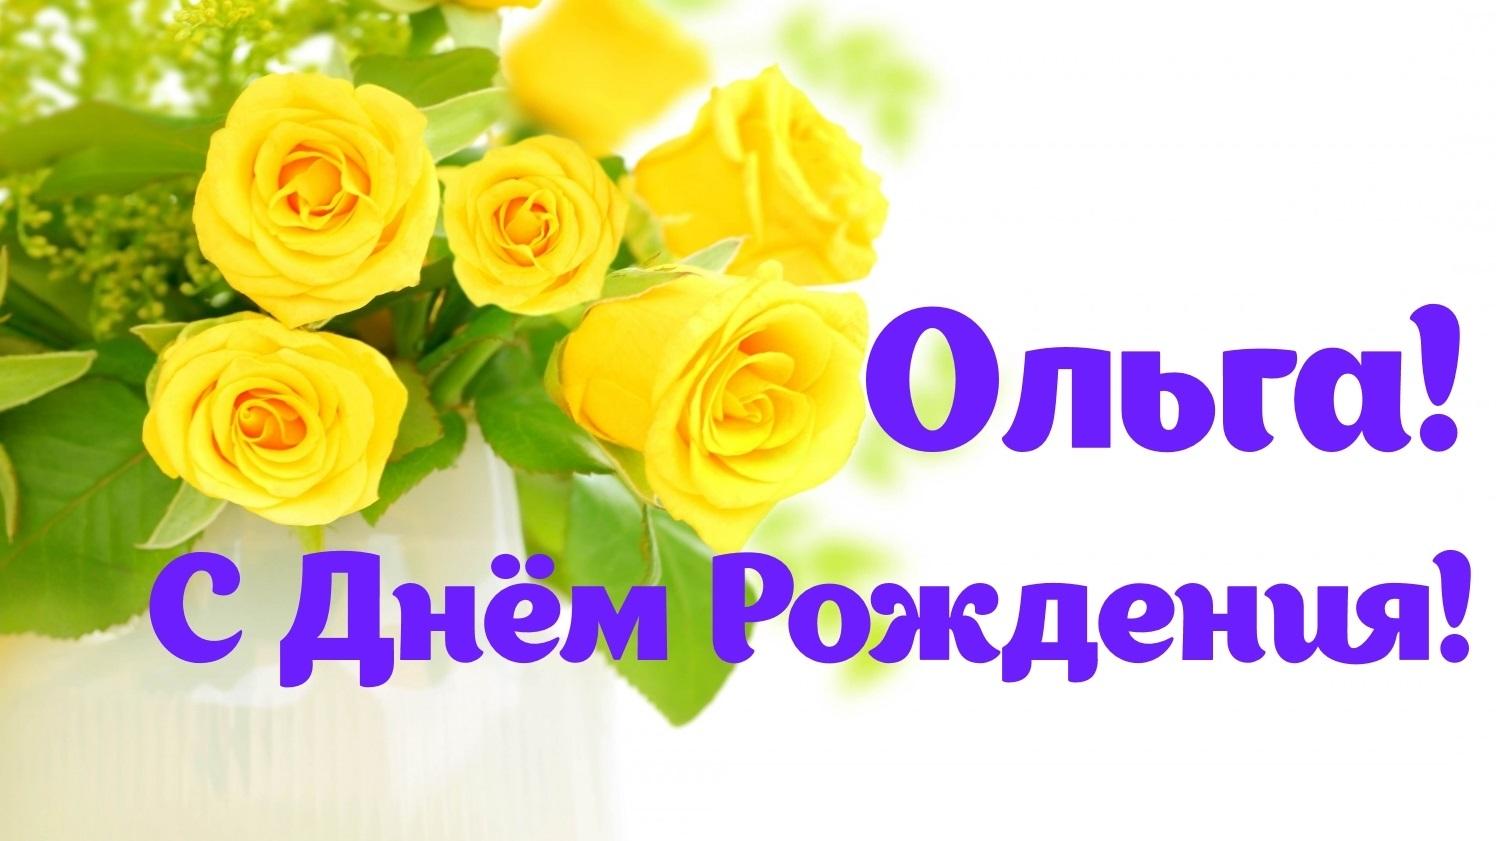 Красивые картинки поздравляю с днем рождения Оля024